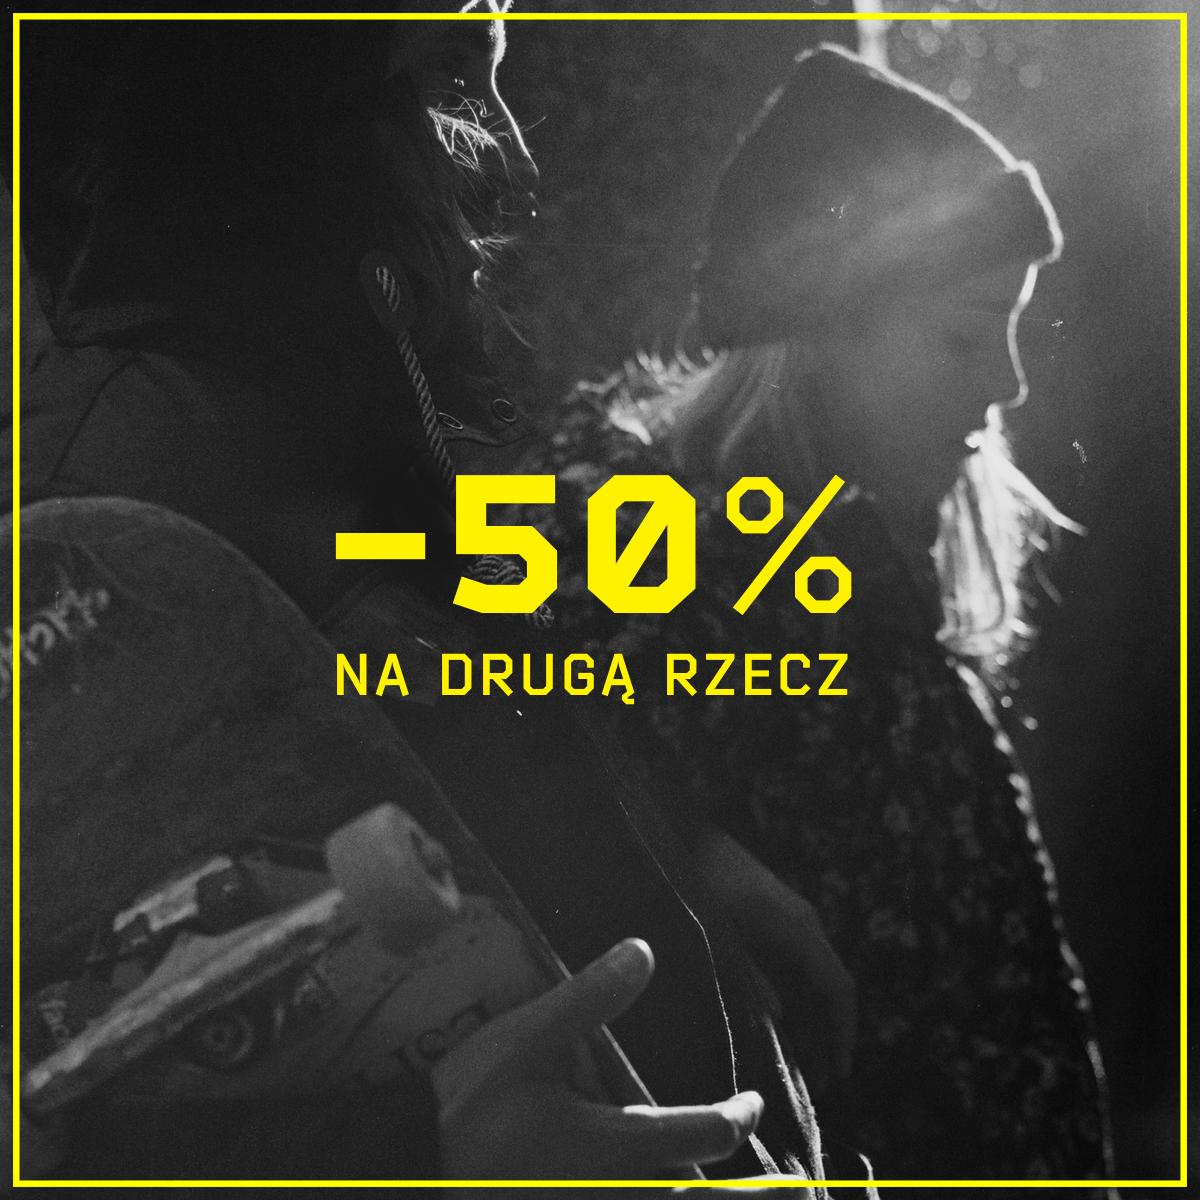 Druga rzecz 50% taniej (także z wyprzedaży) @ Cropp